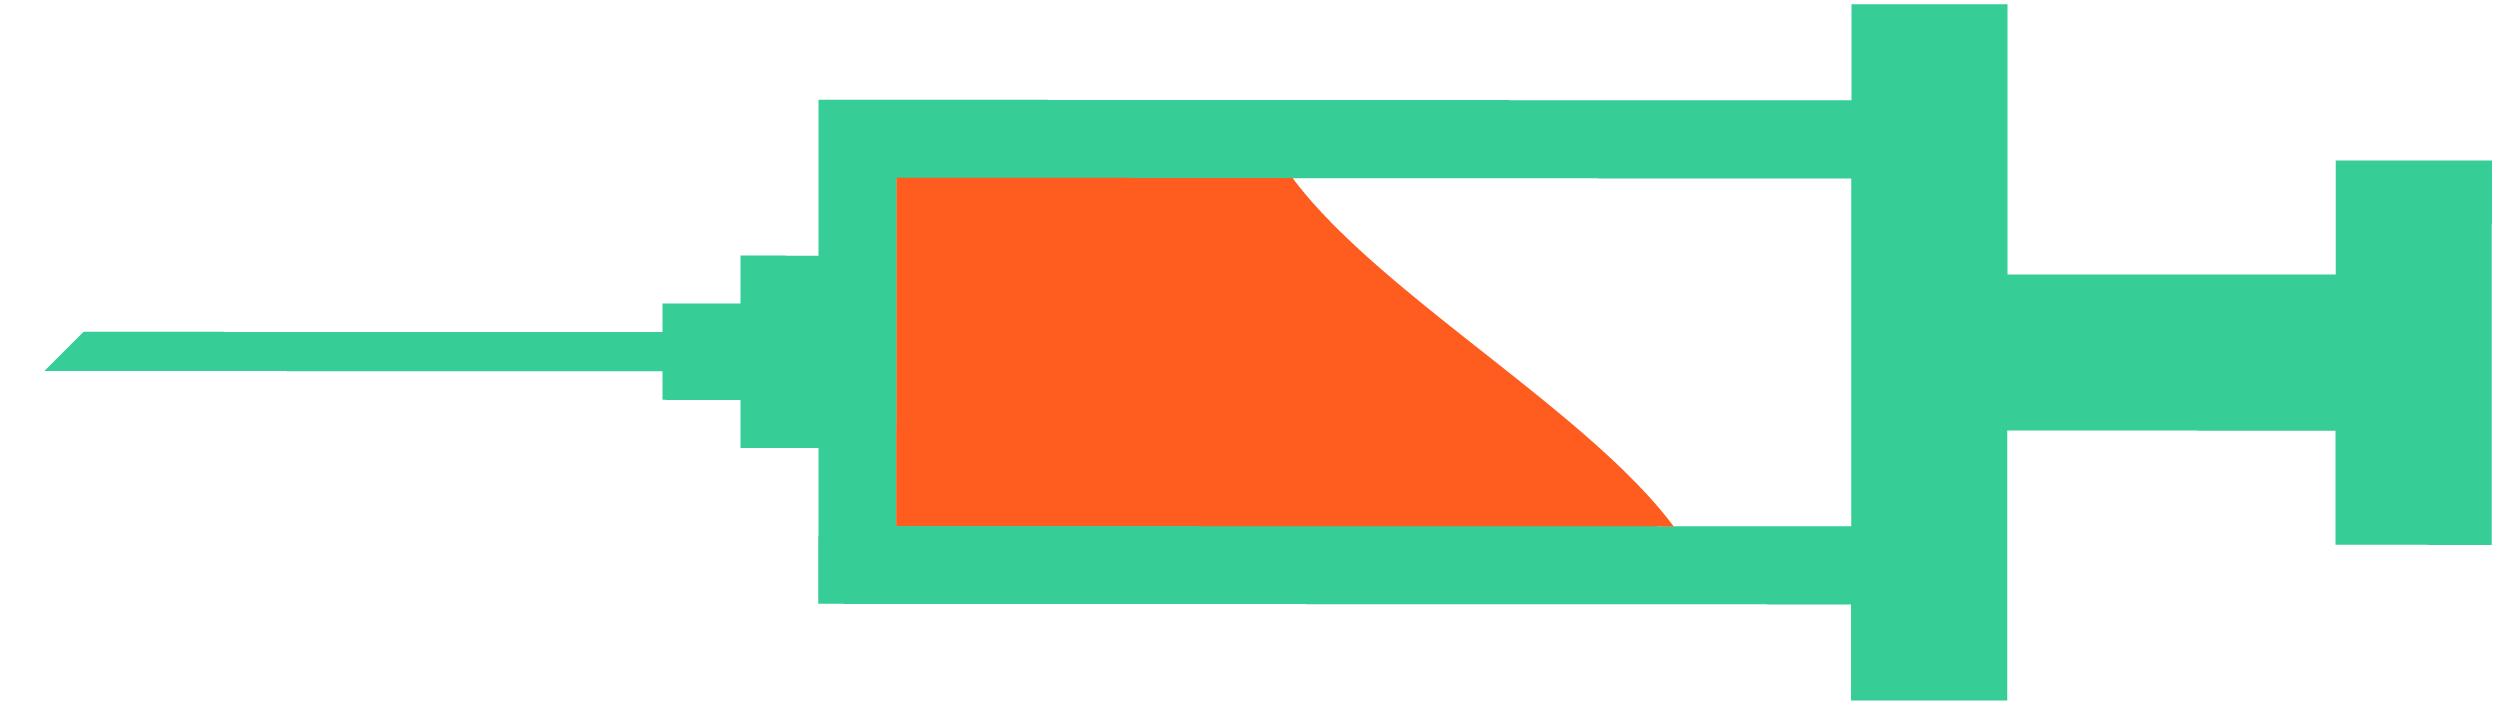 horizontal needle.3-18.jpg